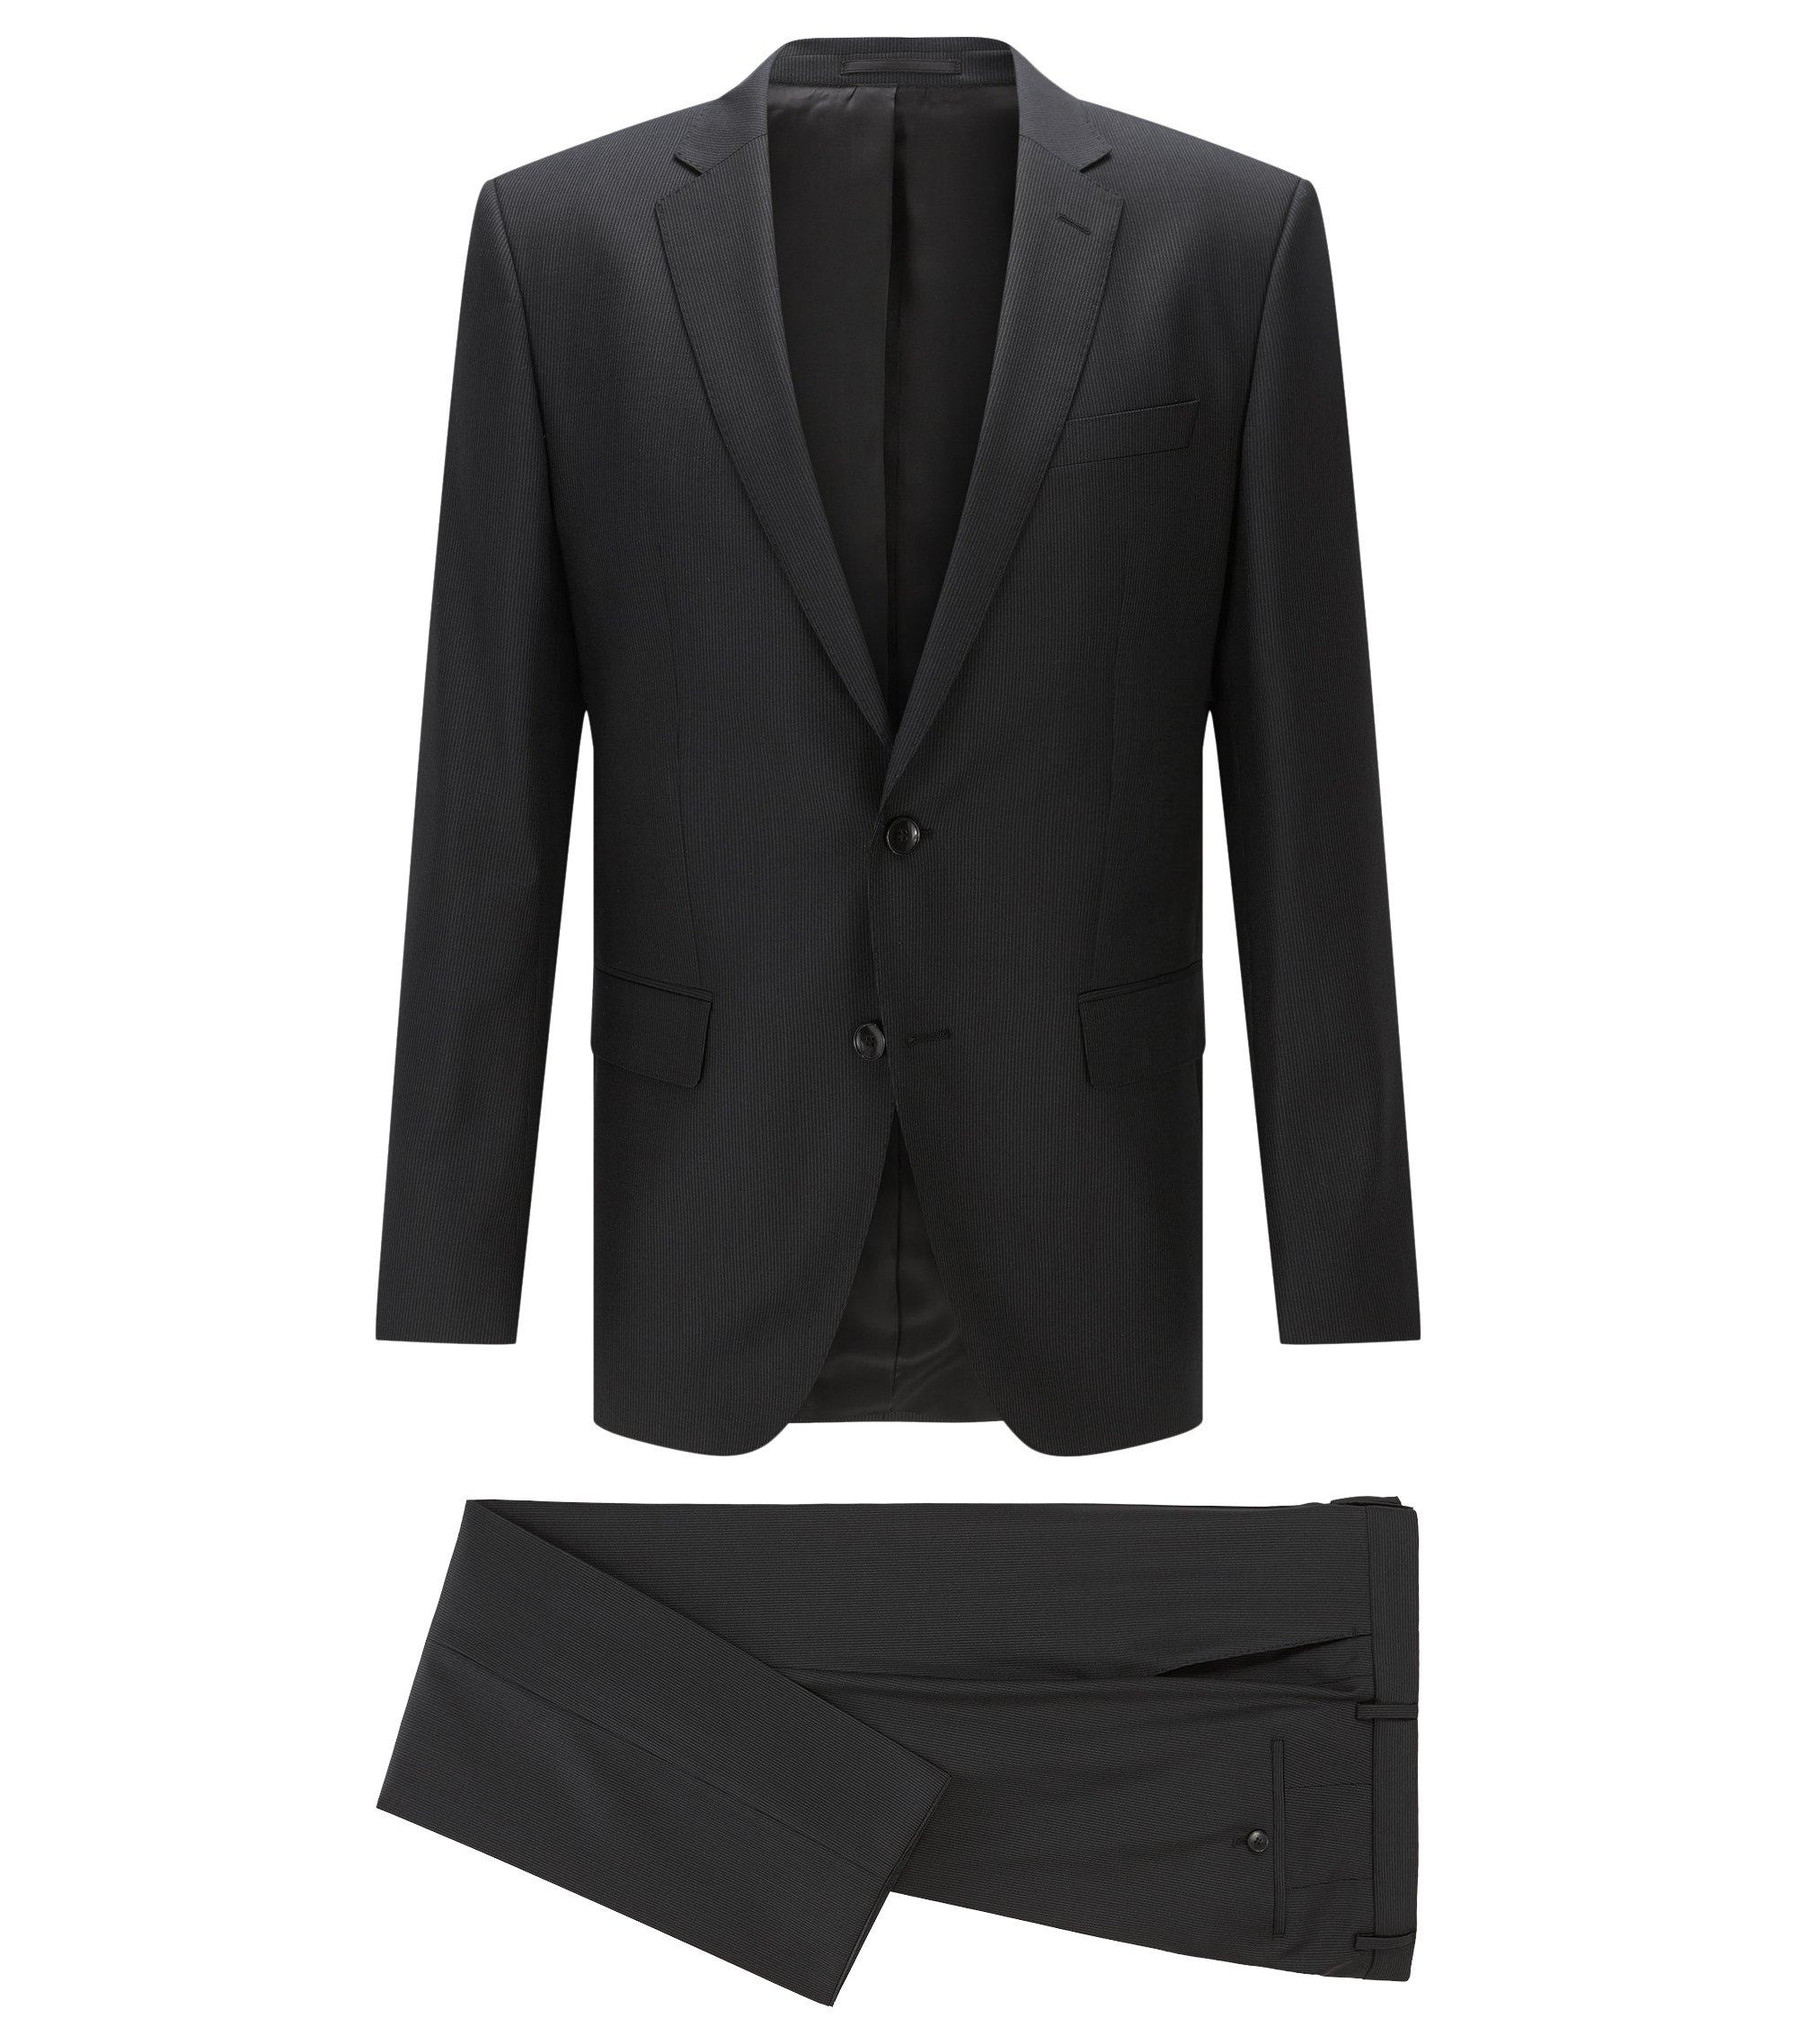 Striped Italian Virgin Wool Suit, Slim Fit   Huge/Genius, Black